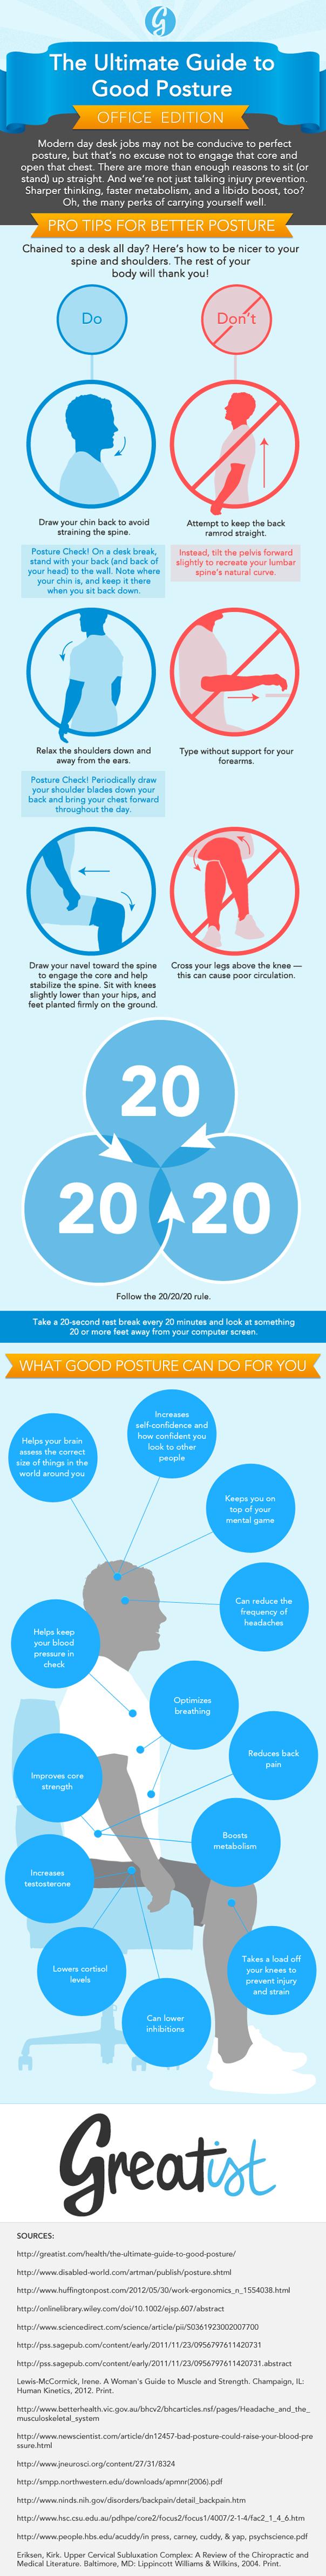 Posture-at-Work